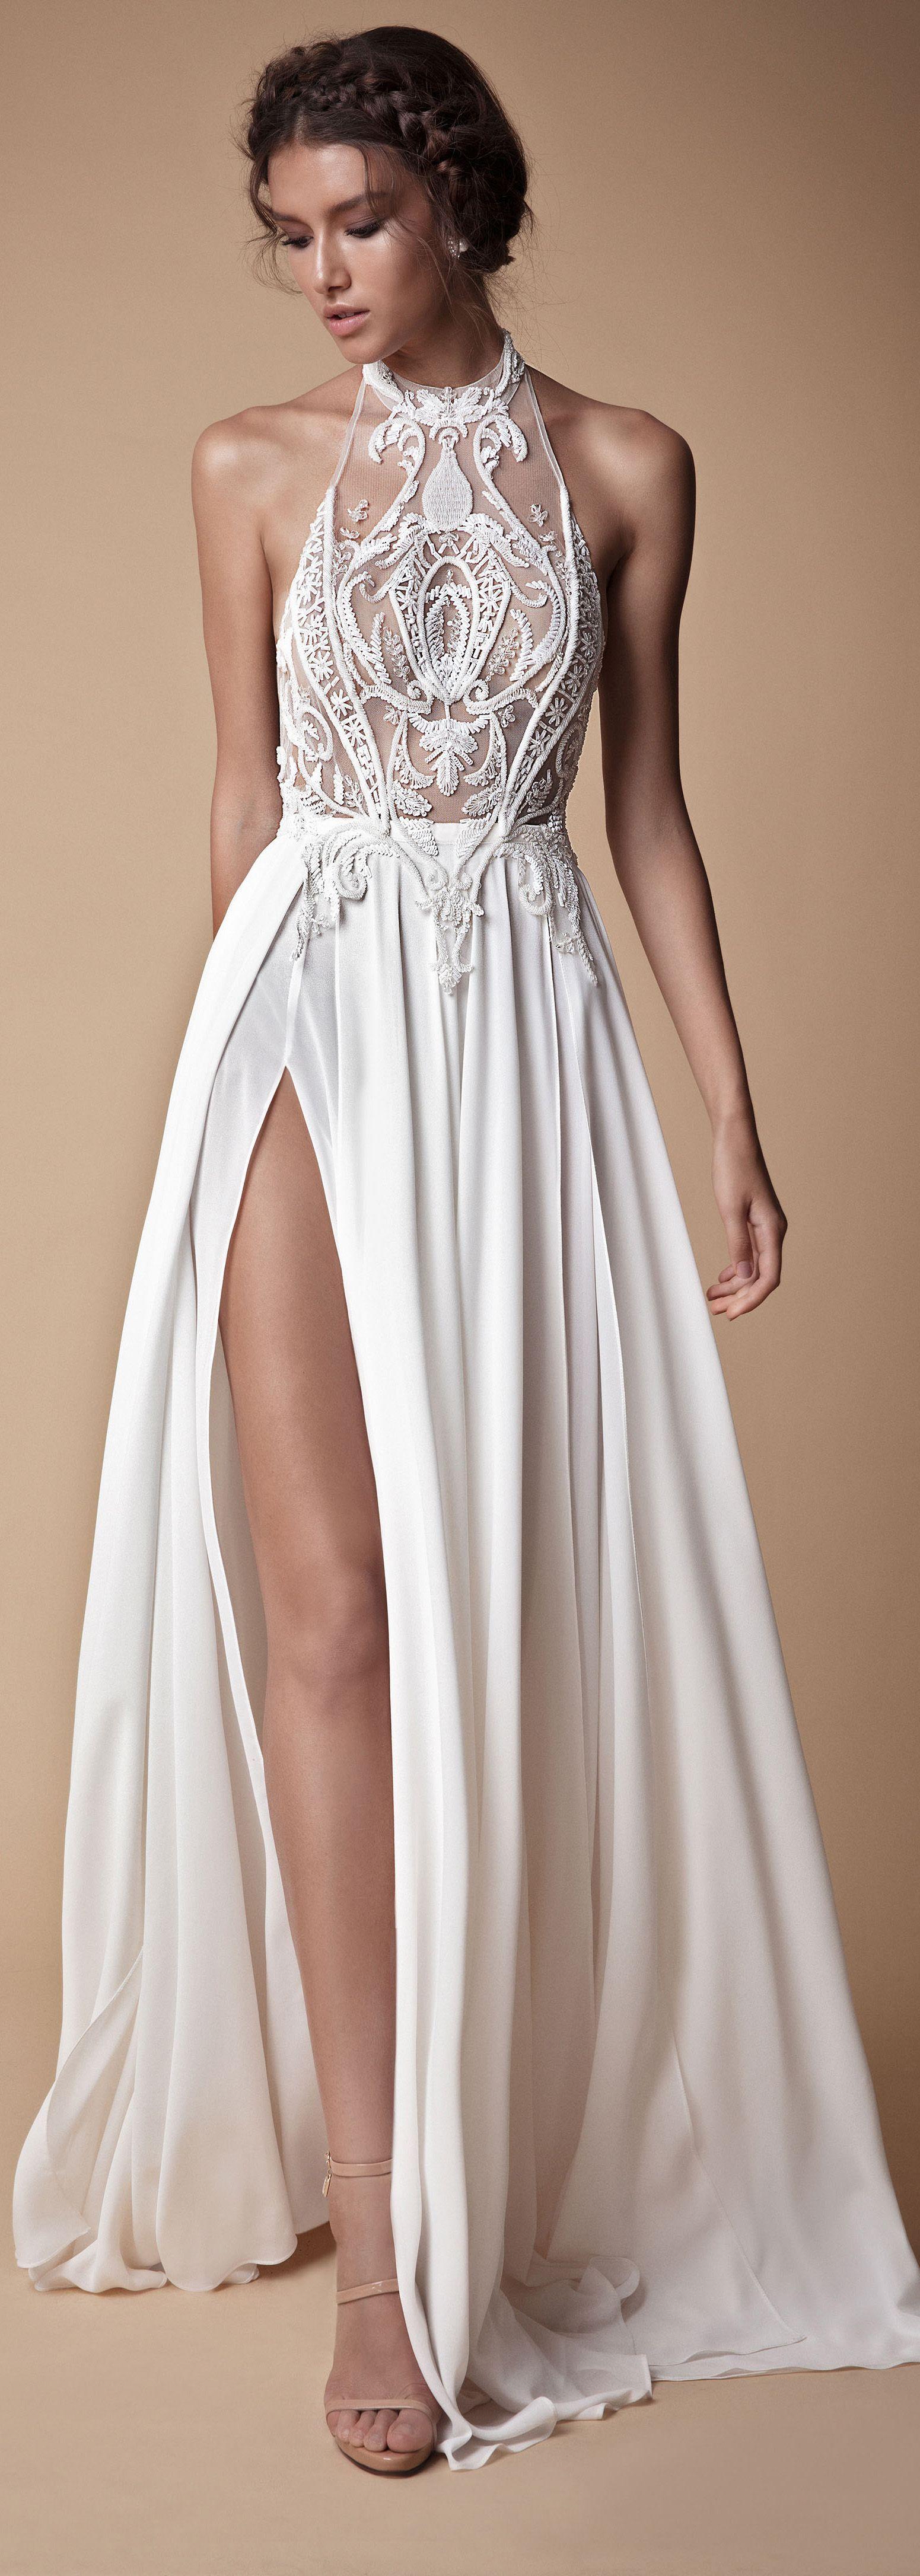 Vestidos 2018 En 2019 Vestidos De Baile Largos Vestidos